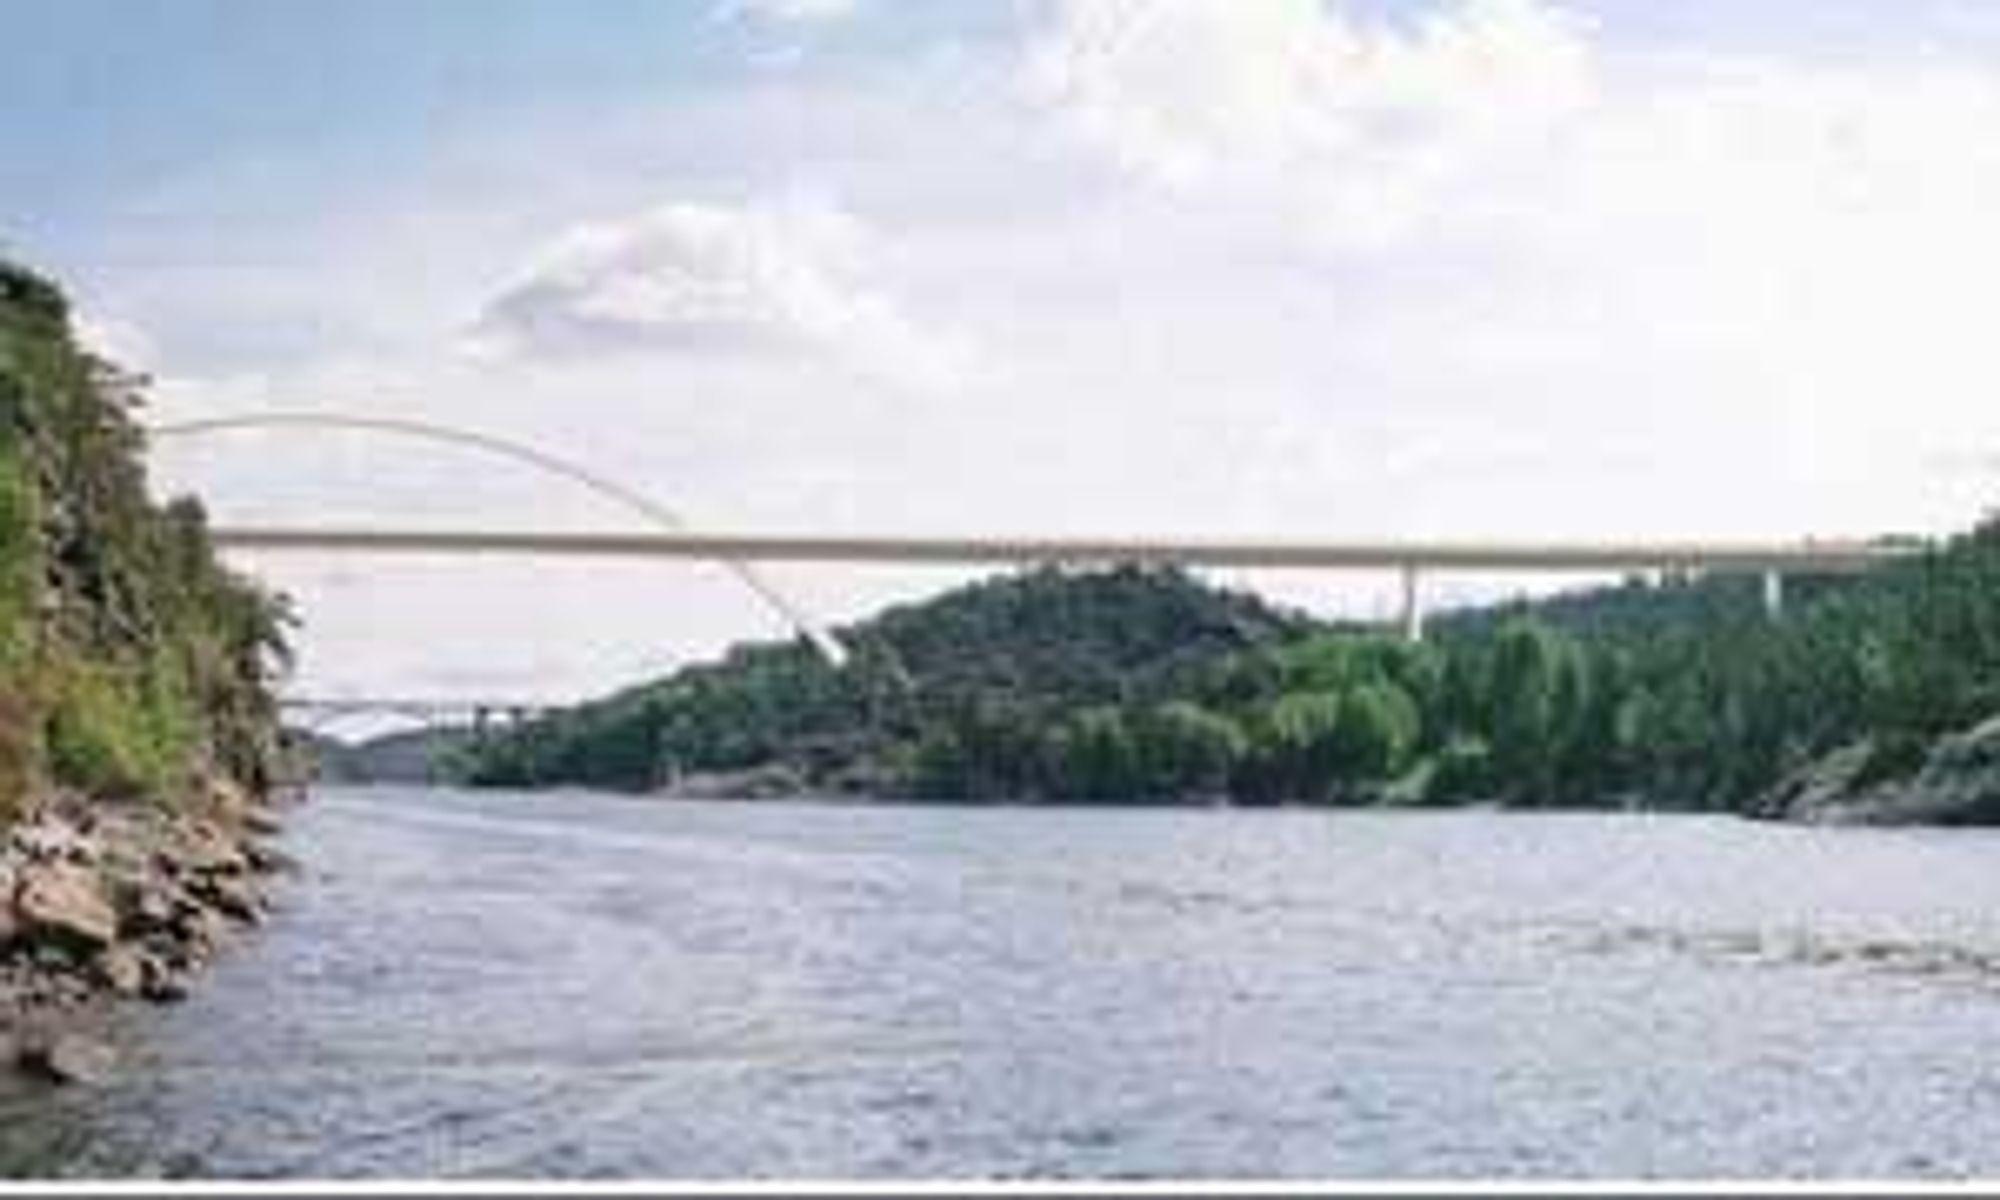 Med fire felt over Svinesund seinere i år, er motorveivisjonen helt fram til Gøteborg nærmere målet.